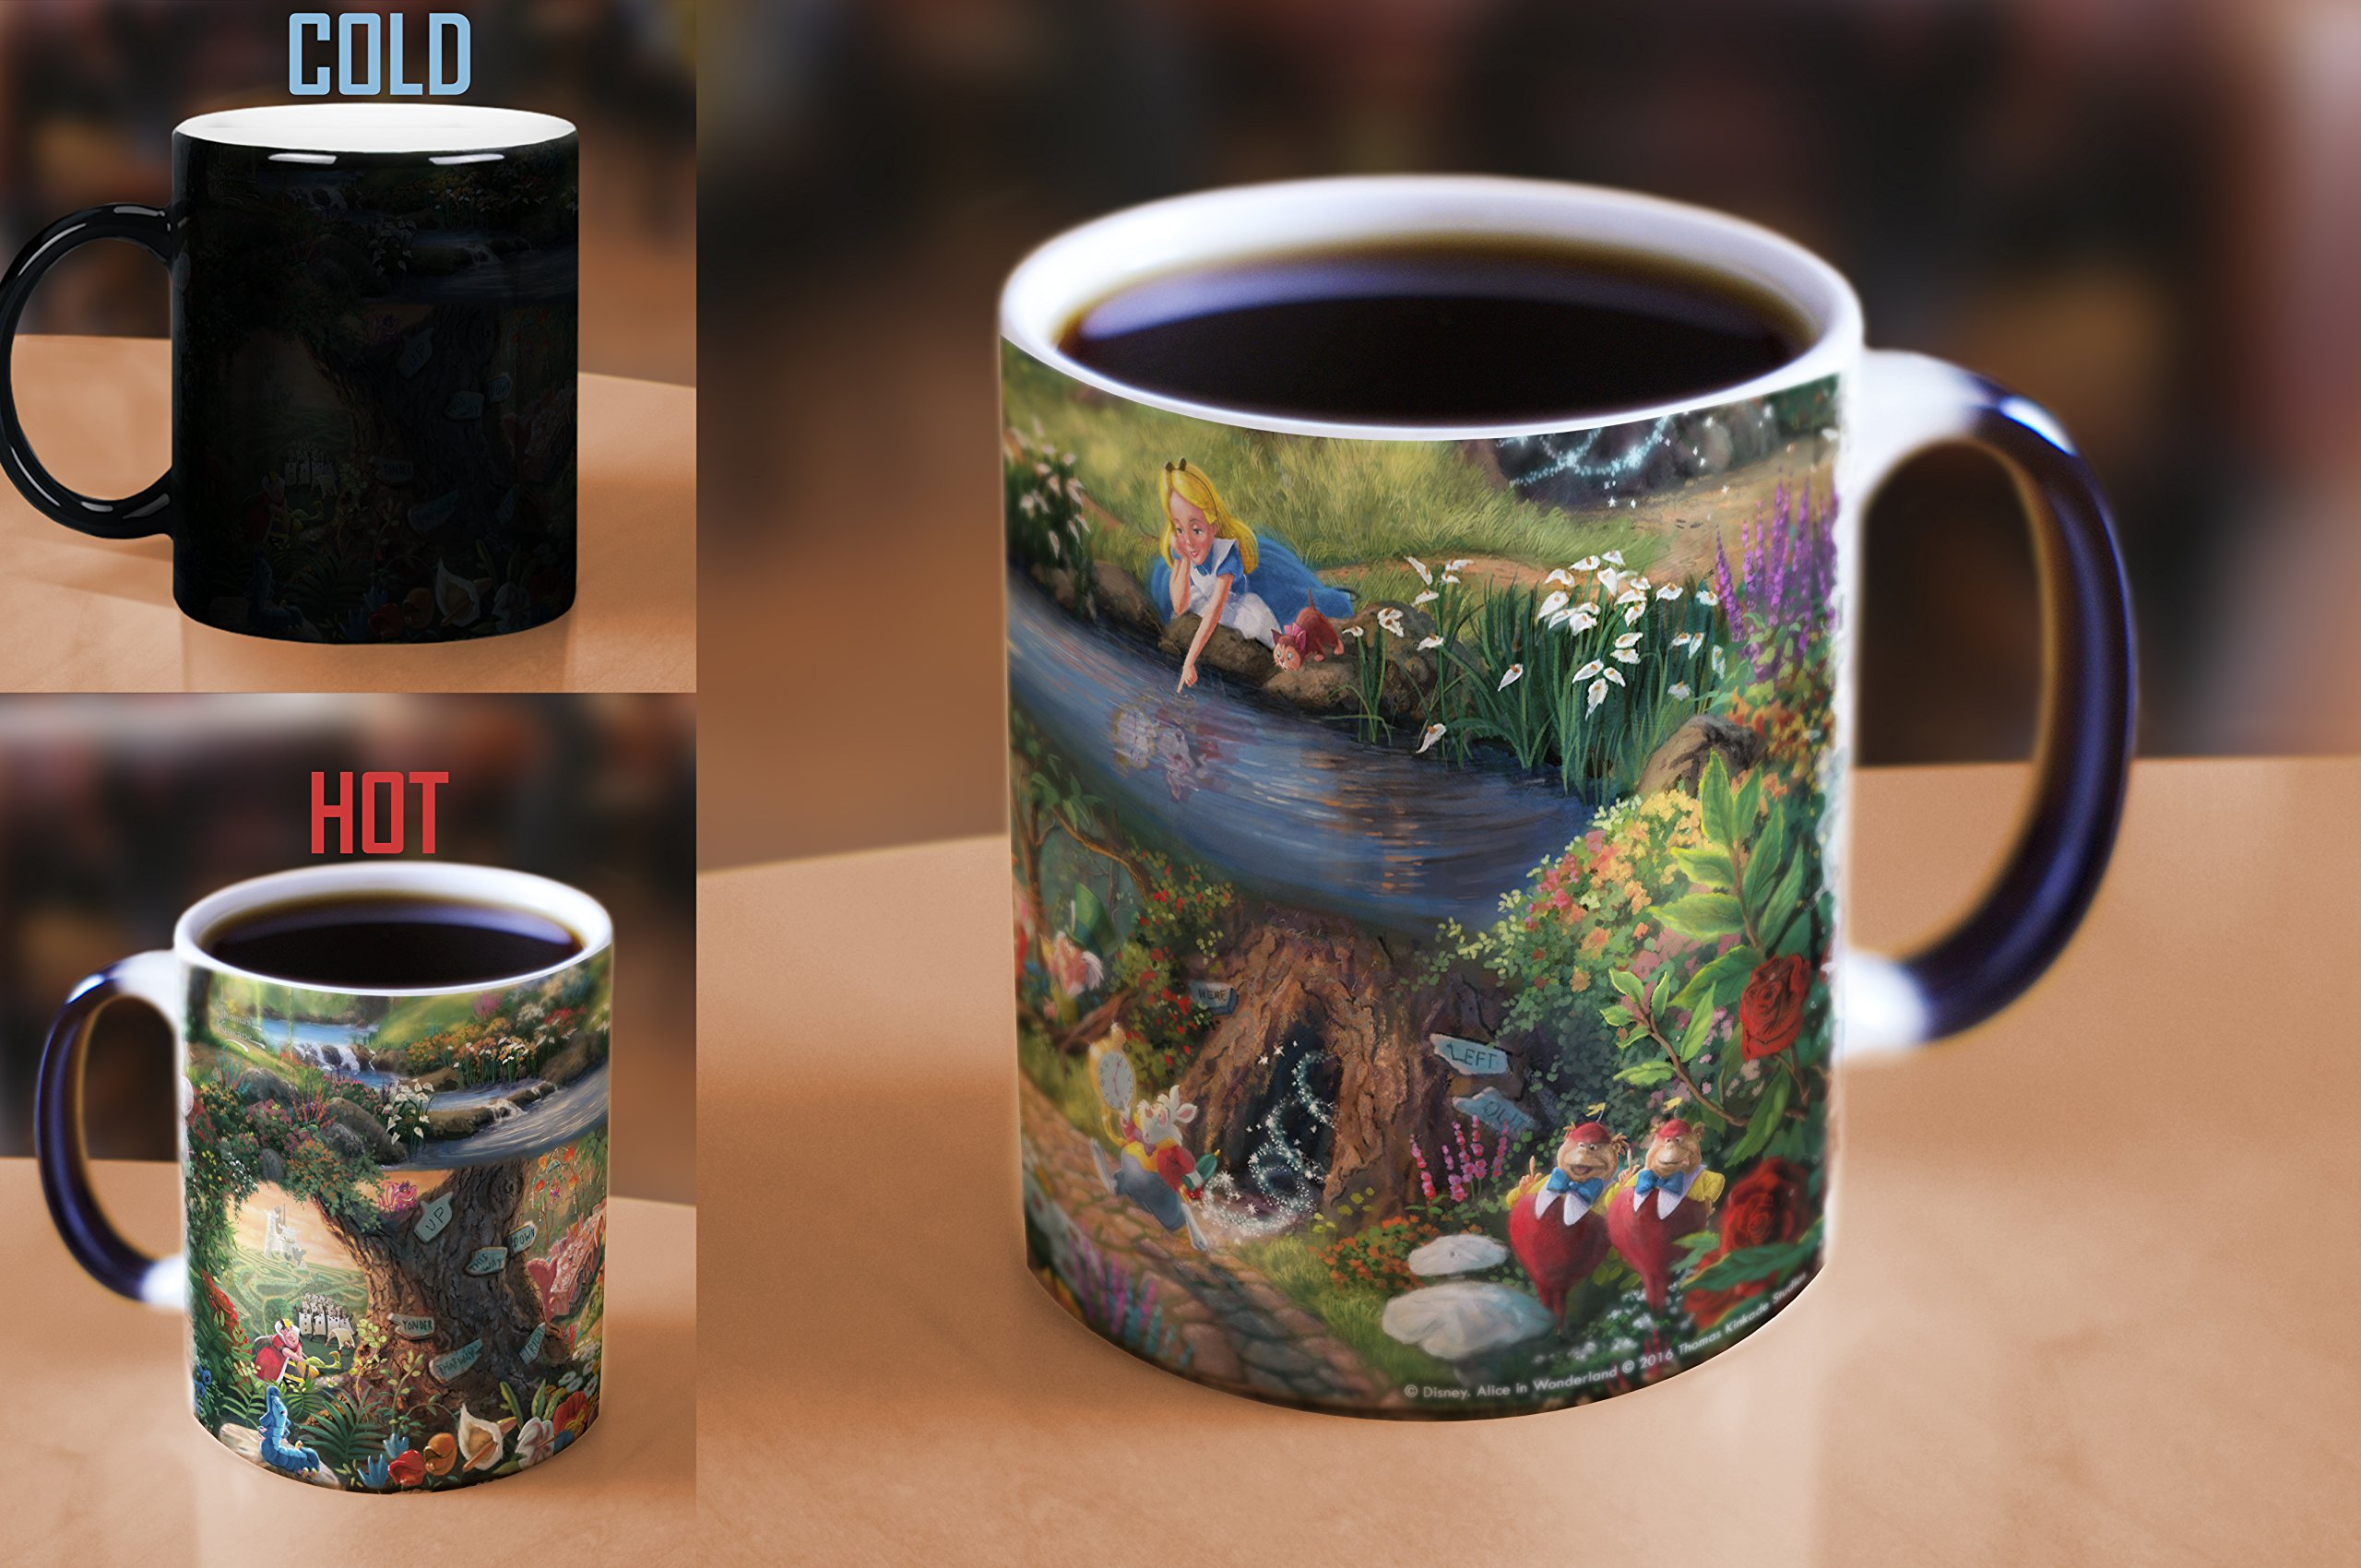 Disney - Alice in Wonderland - Thomas Kinkade - One 11 oz Morphing Mugs Color Changing Heat Sensitive Ceramic Mug – Image Revealed When HOT Liquid Is Added!